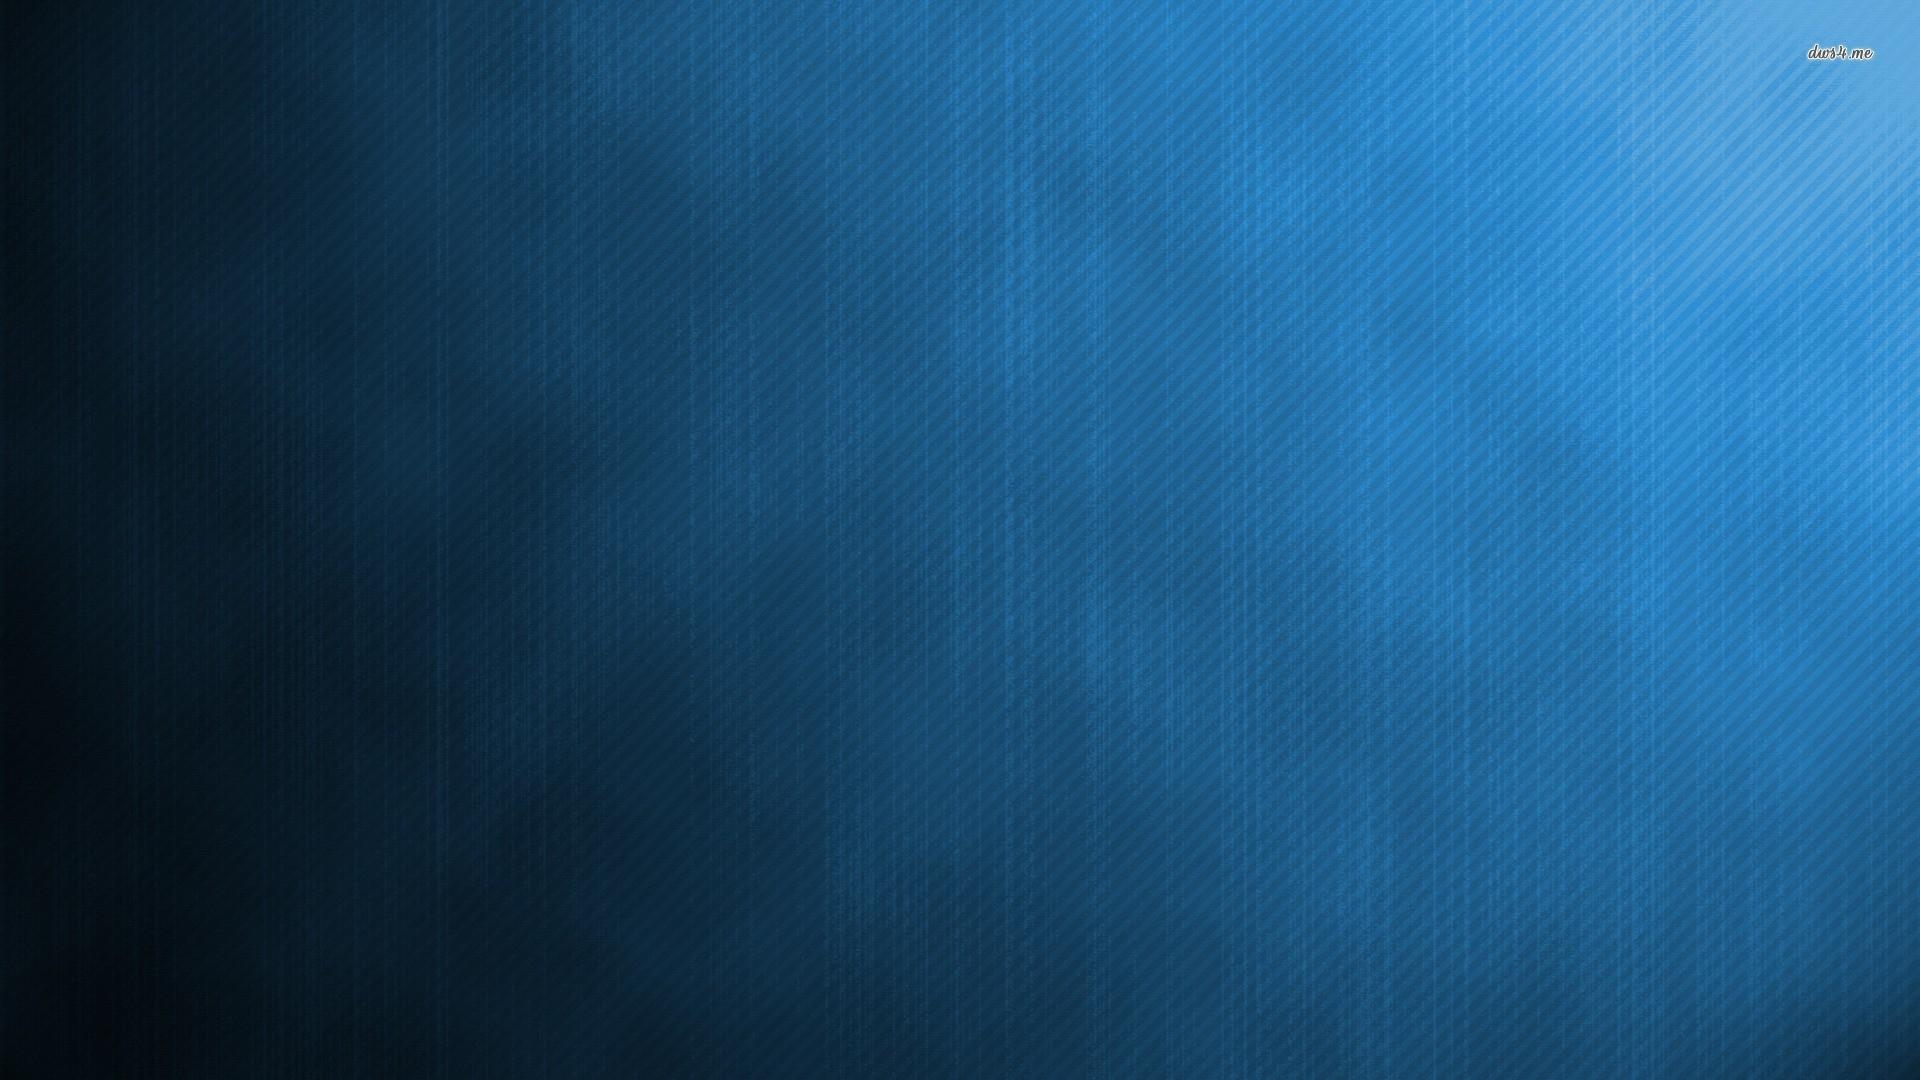 Dark Blue Wallpaper for pc